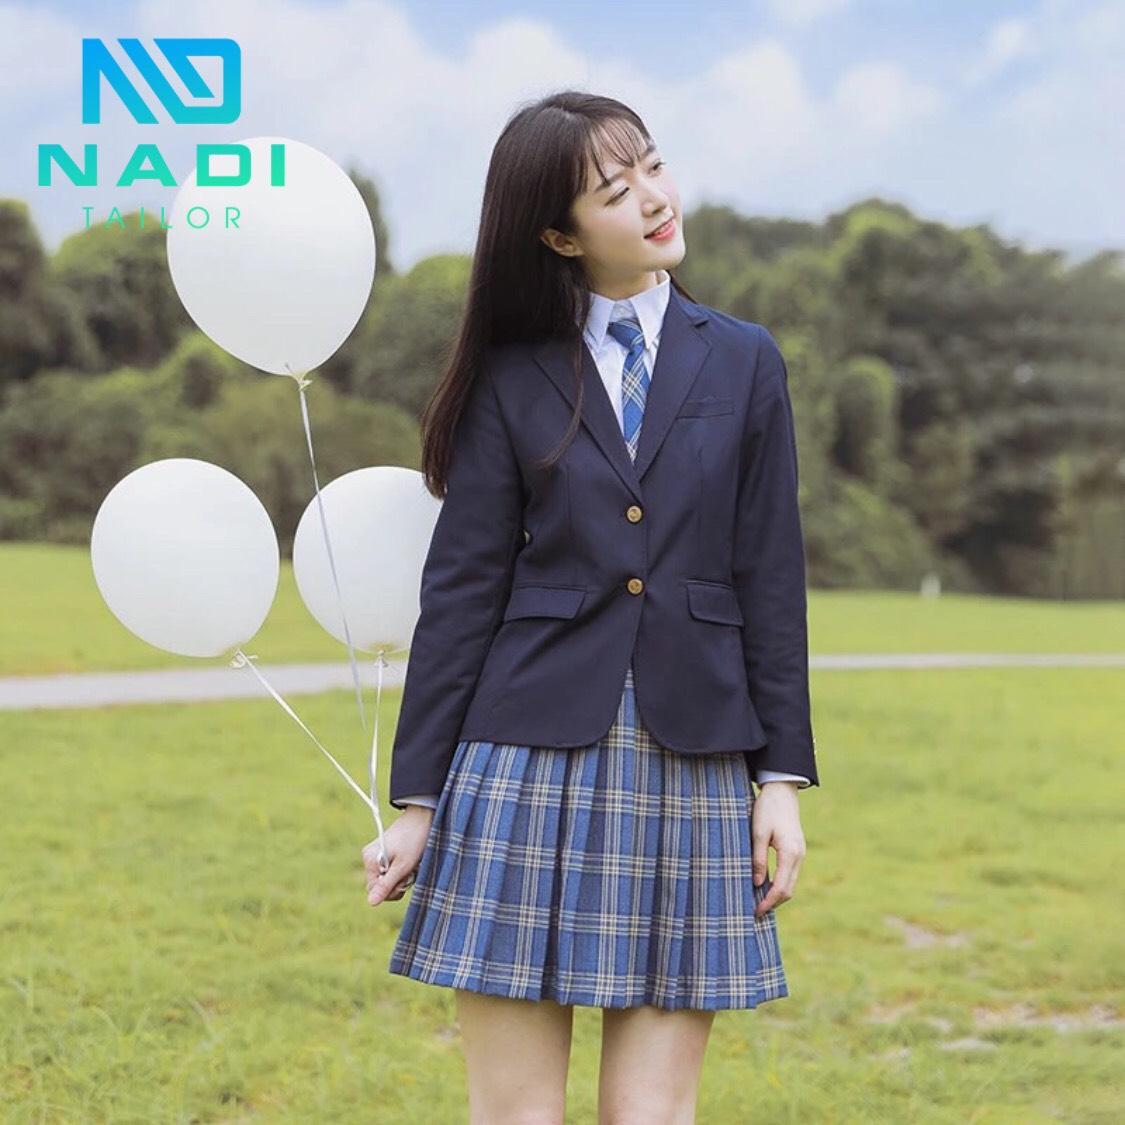 Cùng May Mặc NADI tìm hiểu về những bộ đồng phục học sinh đẹp nhất Nhật Bản ra sao nhé!